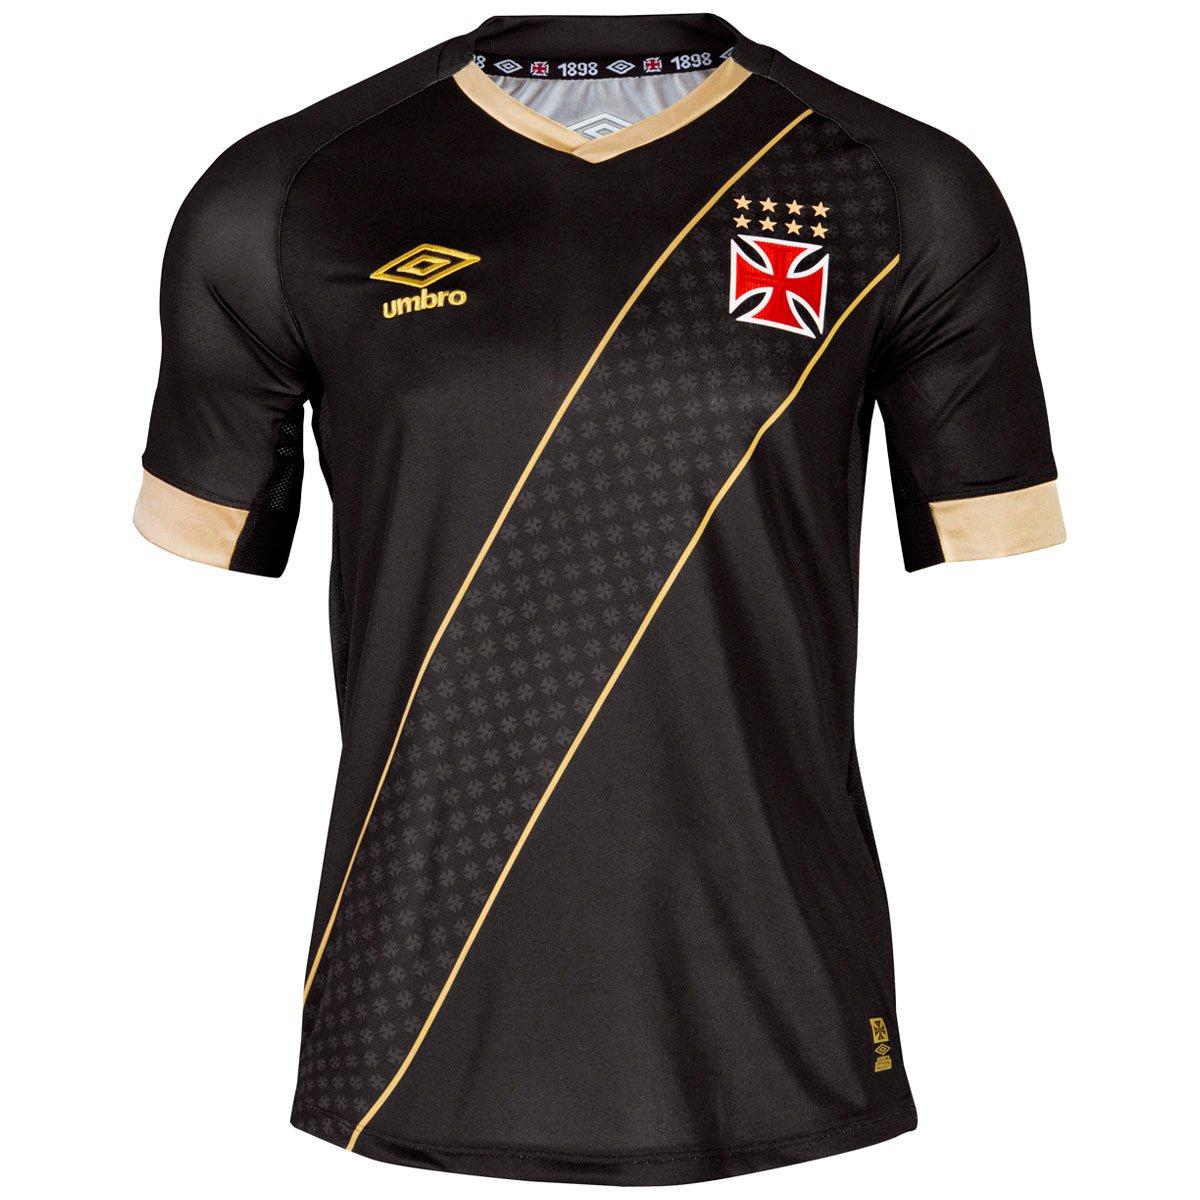 Camisa Umbro Vasco III 2015 s nº - Compre Agora  b983381e808a5